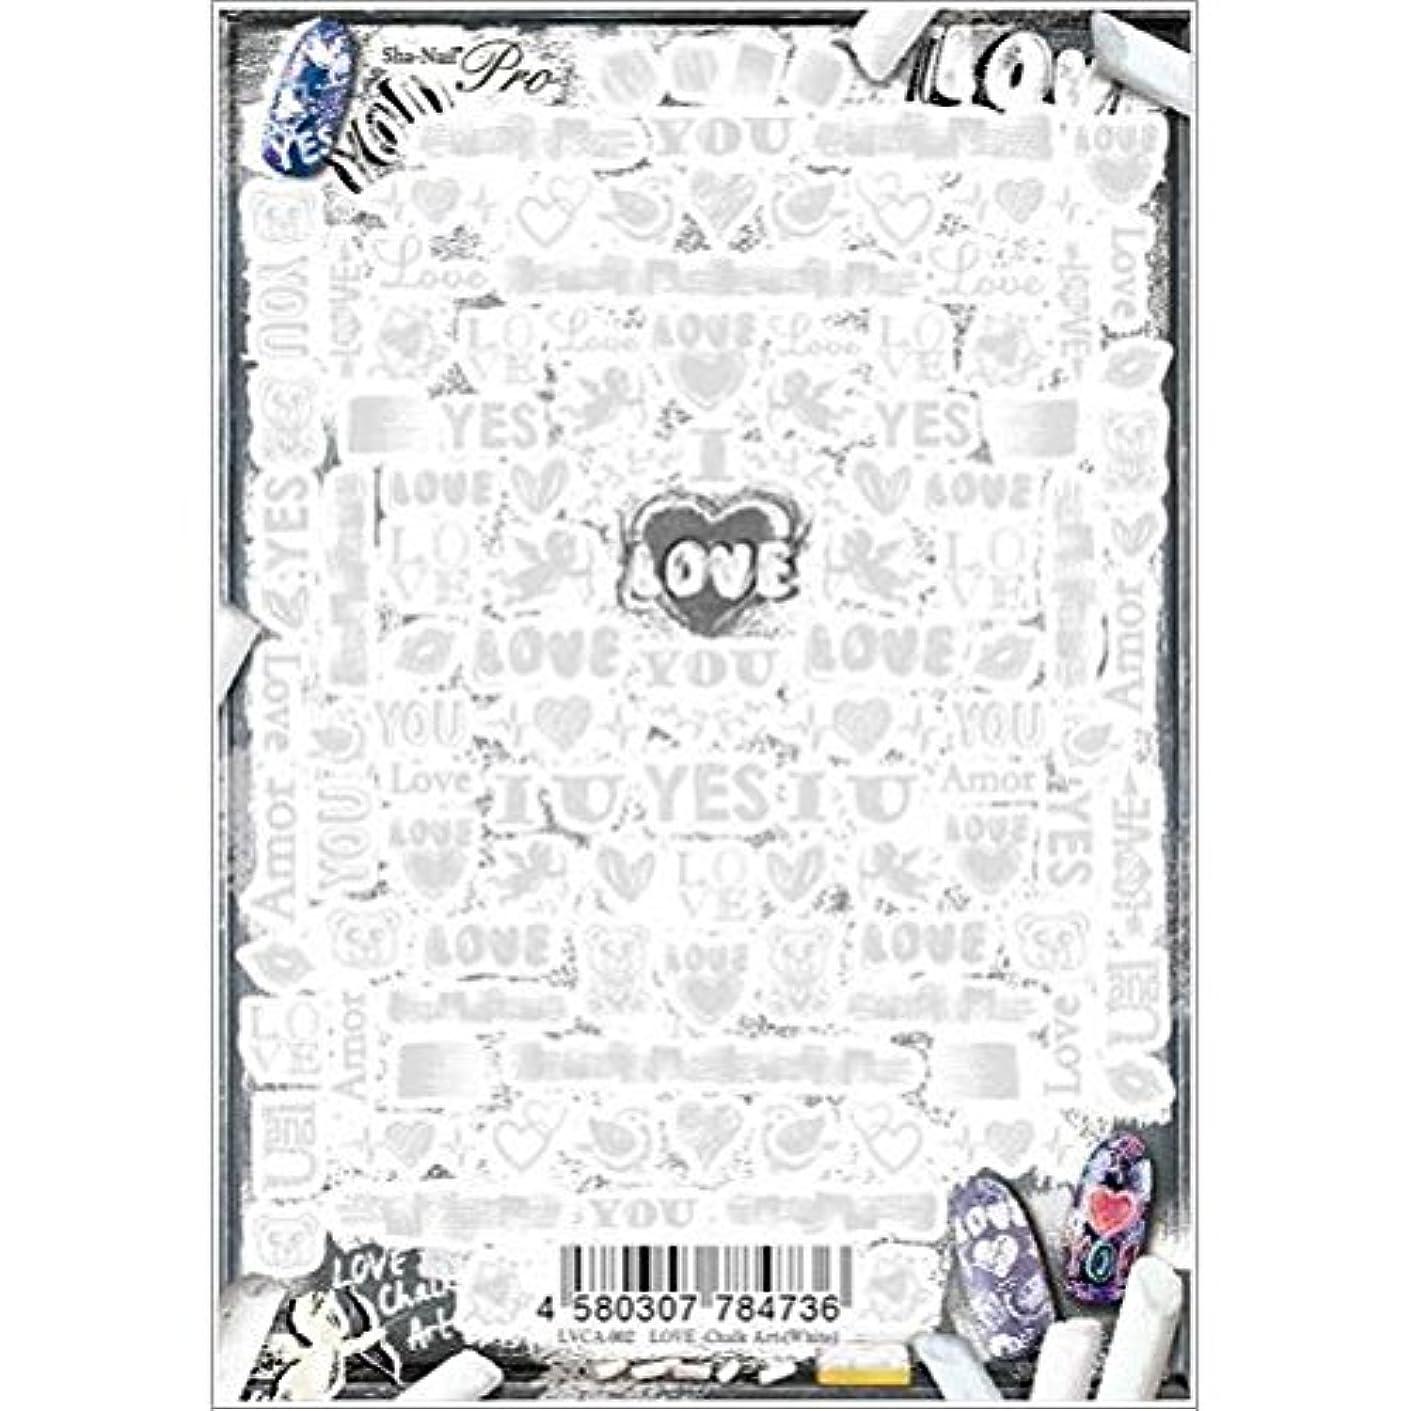 ブラスト存在する不十分Sha-Nail Pro ネイルシール ラブ-チョークアート-(ホワイト) LVCA-002